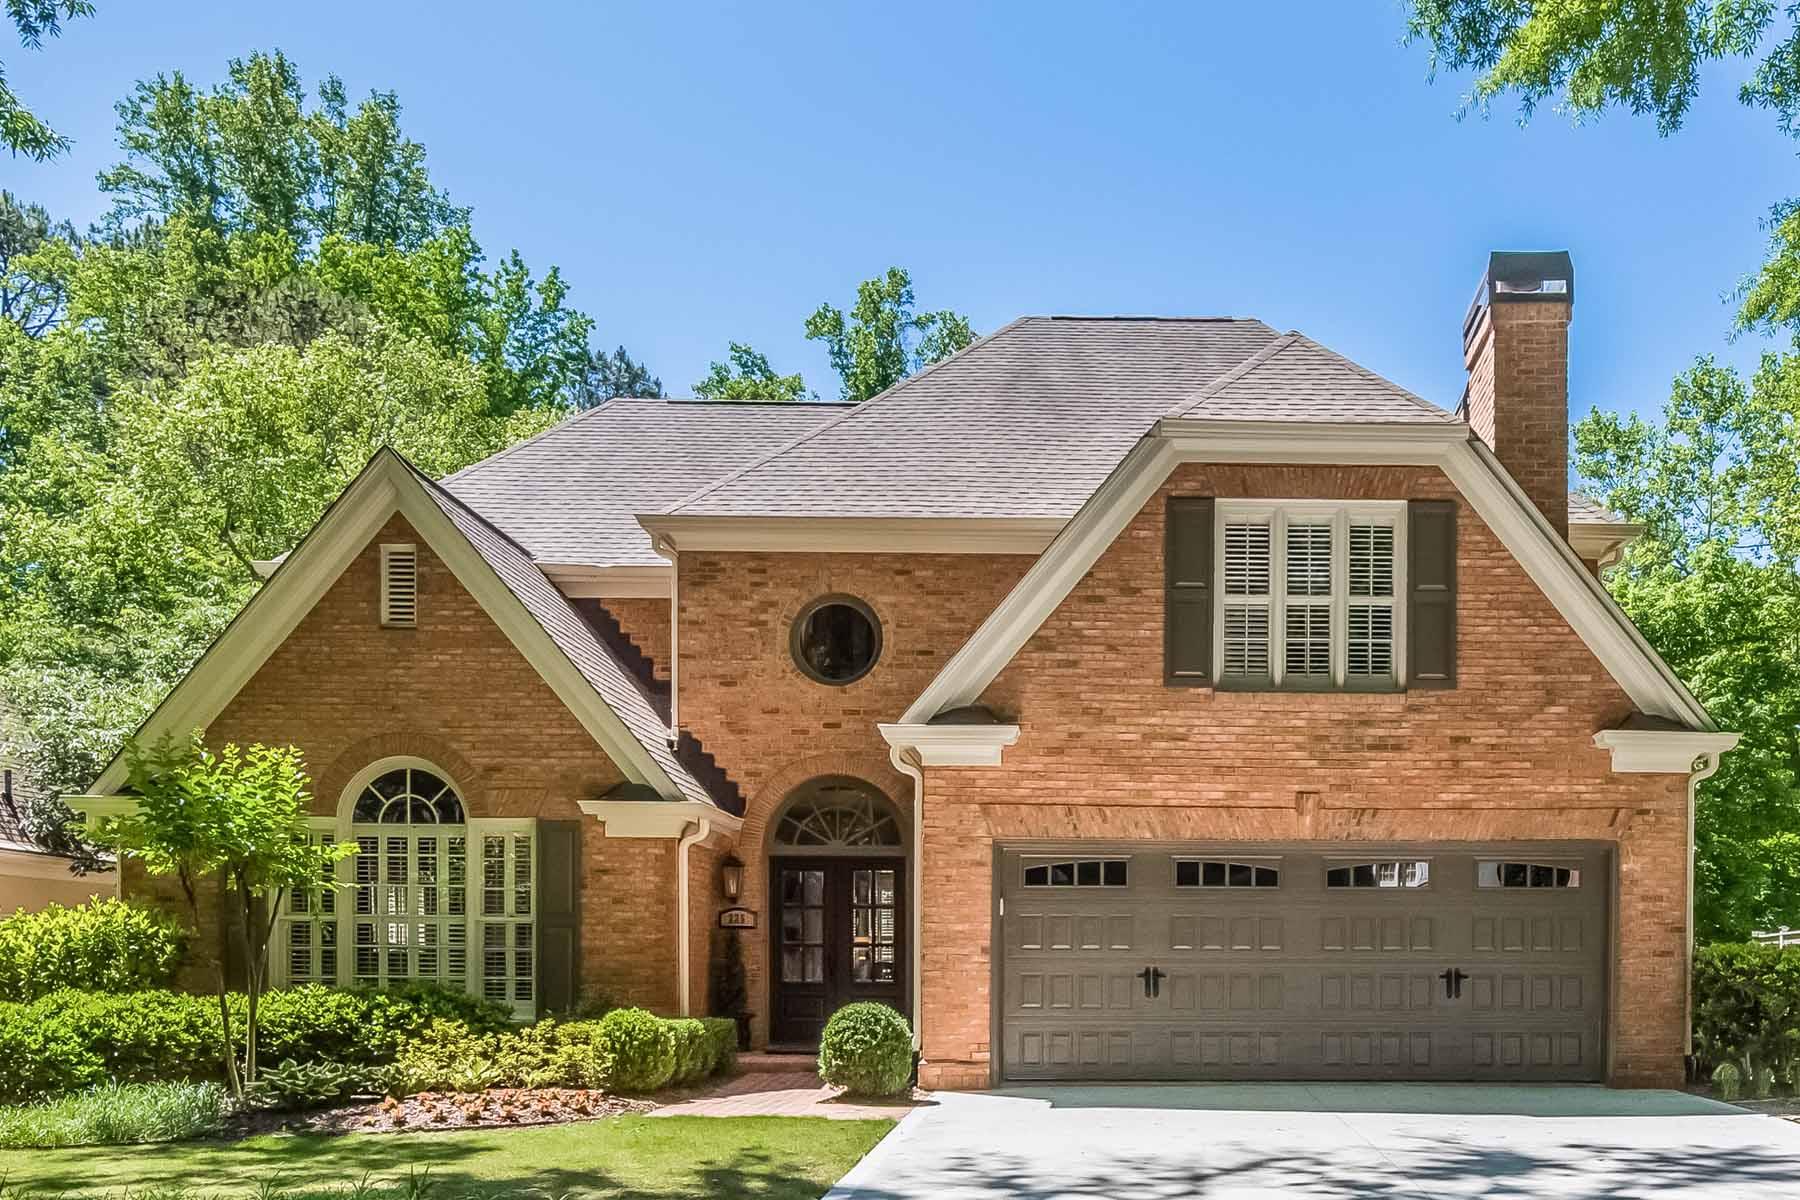 단독 가정 주택 용 매매 에 Private Luxurious Retreat just Minutes to Buckhead, Brookhaven and Sandy Springs 225 Woodchase Close NE Atlanta, 조지아, 30319 미국